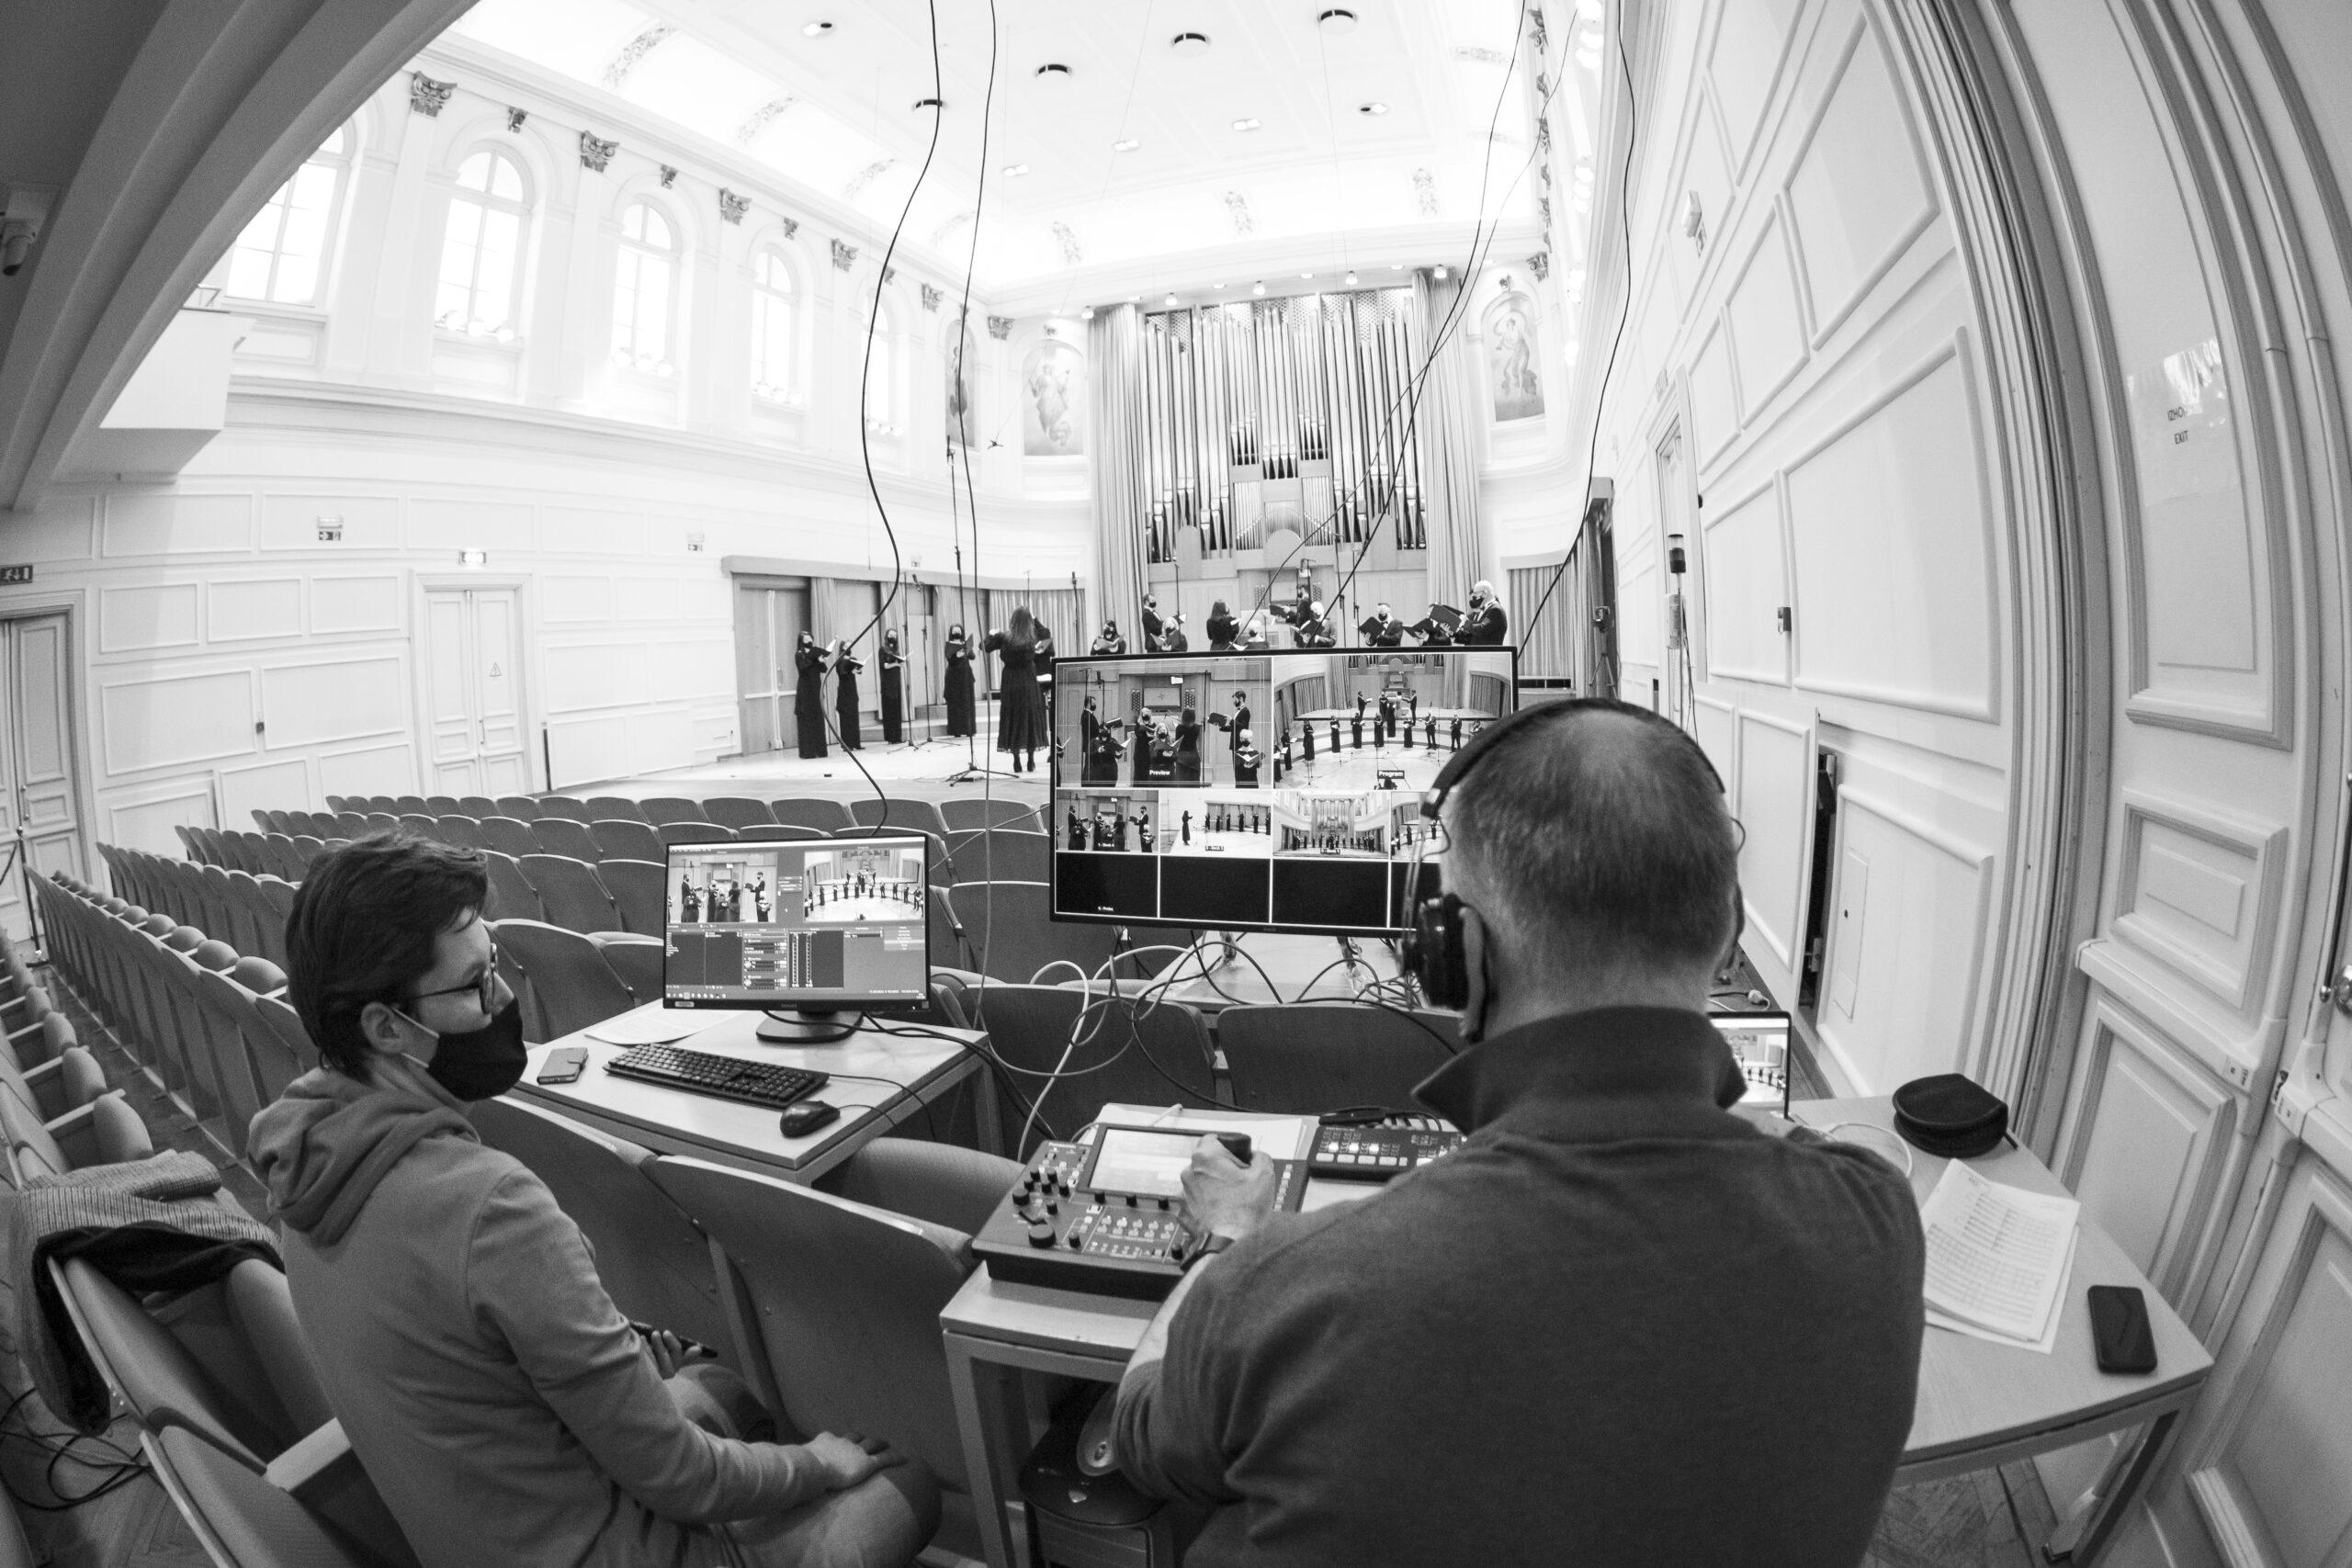 Darja Štravs Tisu, Slovenija: Na spletu, 2021, Zbor Slovenske filharmonije, Slovenija - Med epidemijo je bila večina kulturnih dogodkov dostopna le na spletu. Za to, da smo koncerte Zbora Slovenske filharmonije lahko spremljali iz domačih naslanjačev, je poskrbela tehnična ekipa, ki spremlja zbor. Z vsakim koncertom si je čedalje bolj utečena ekipa prizadevala, da bi prenos v živo potekal kar se da dobro.